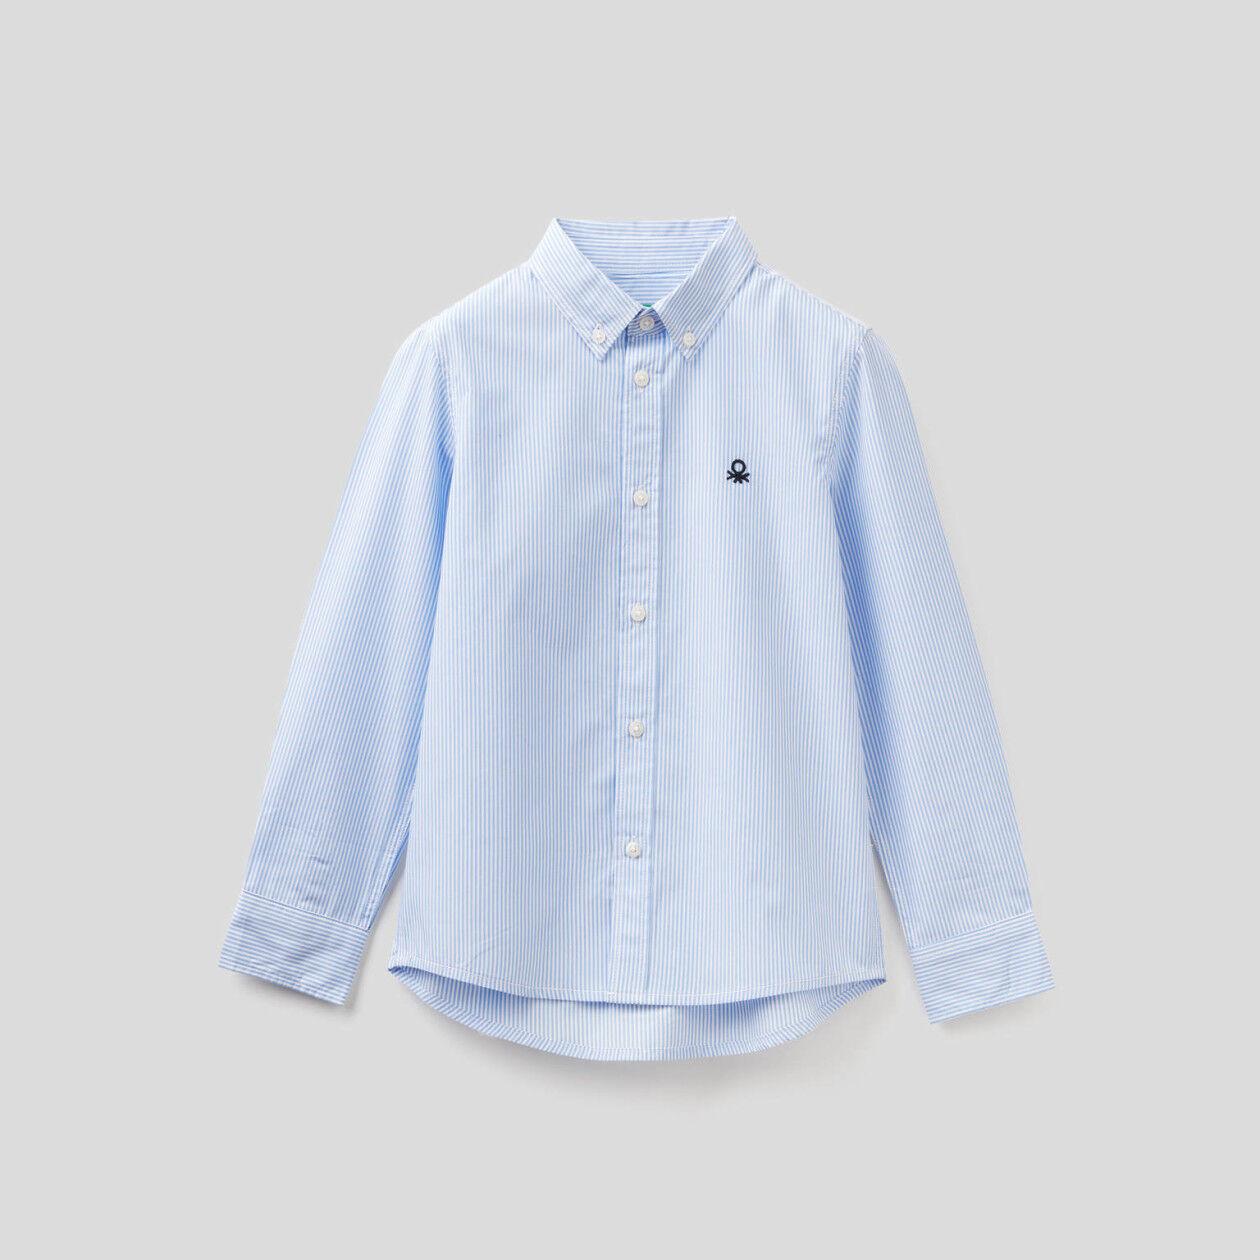 Camisa desportiva às riscas em algodão puro